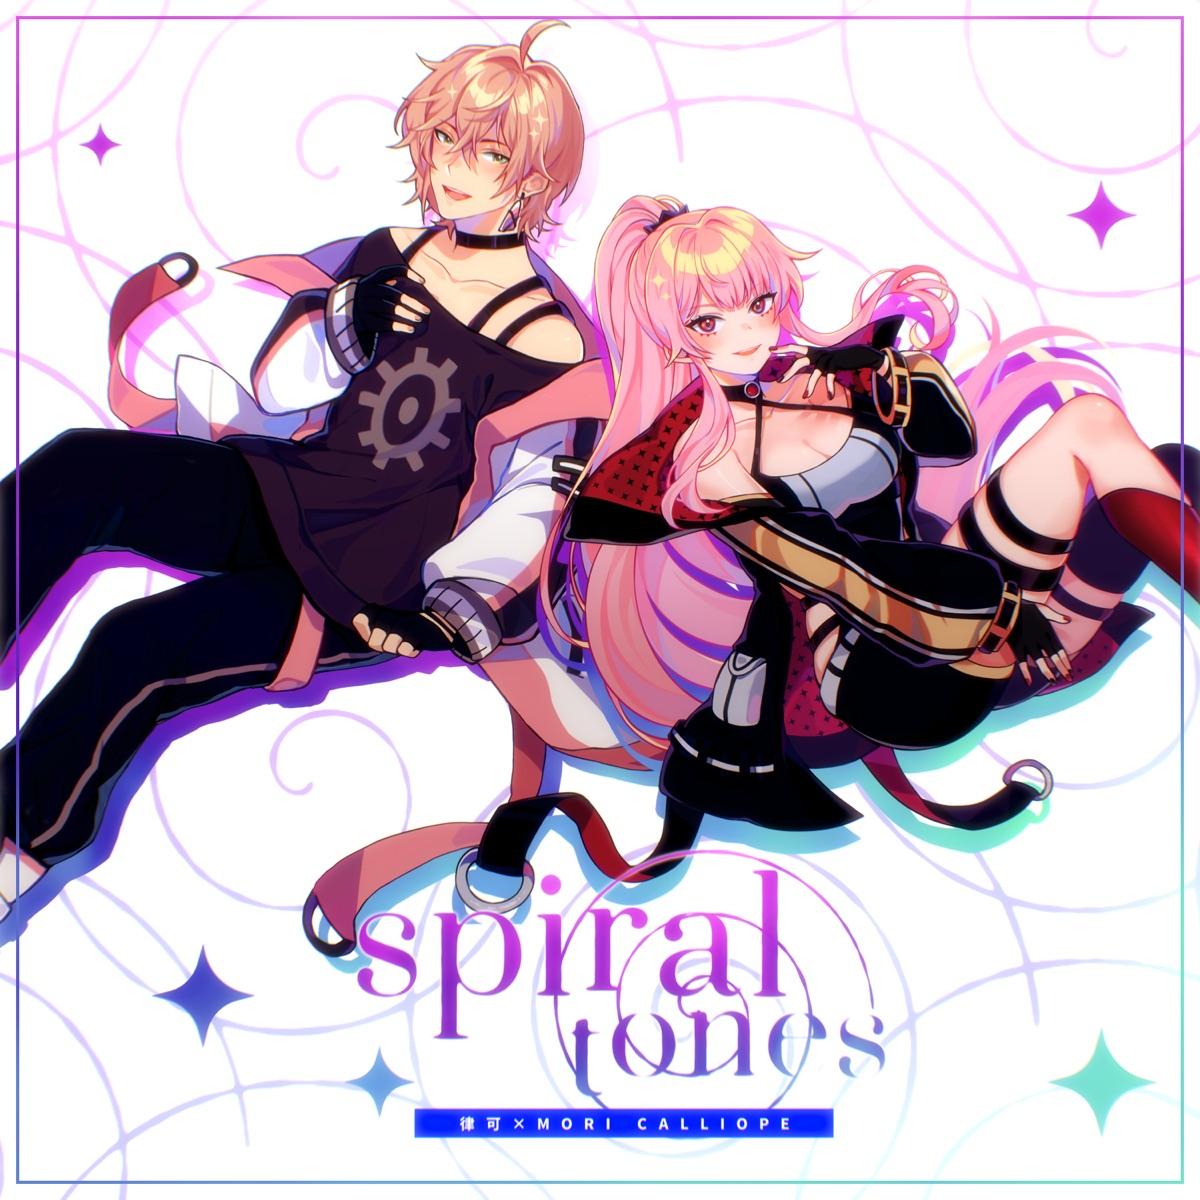 『律可×Mori Calliope (Morikka) - spiral tones』収録の『spiral tones』ジャケット